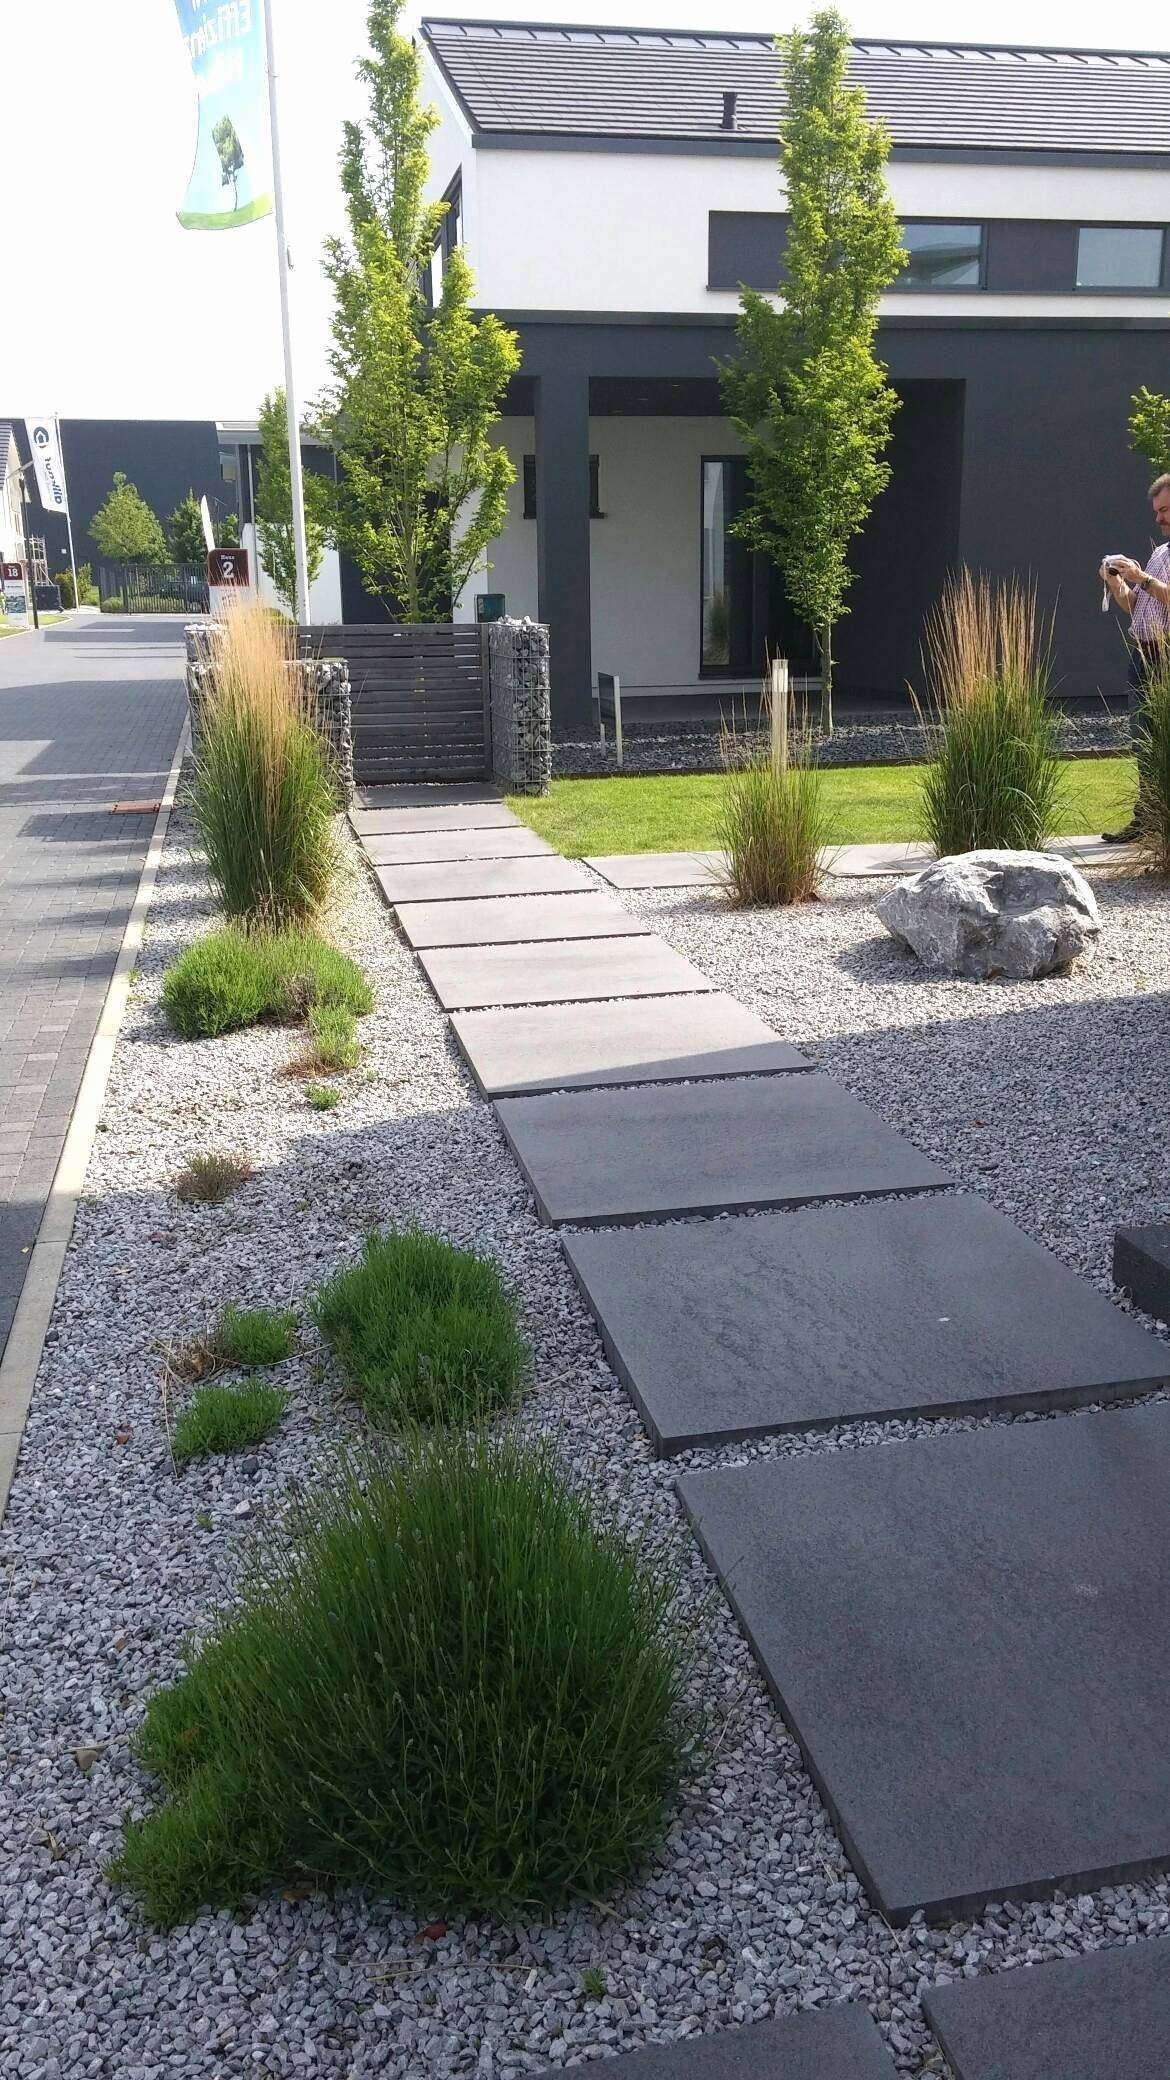 Garten Landschaftsbau Reizend Garten Ideas Garten Anlegen Lovely Aussenleuchten Garten 0d